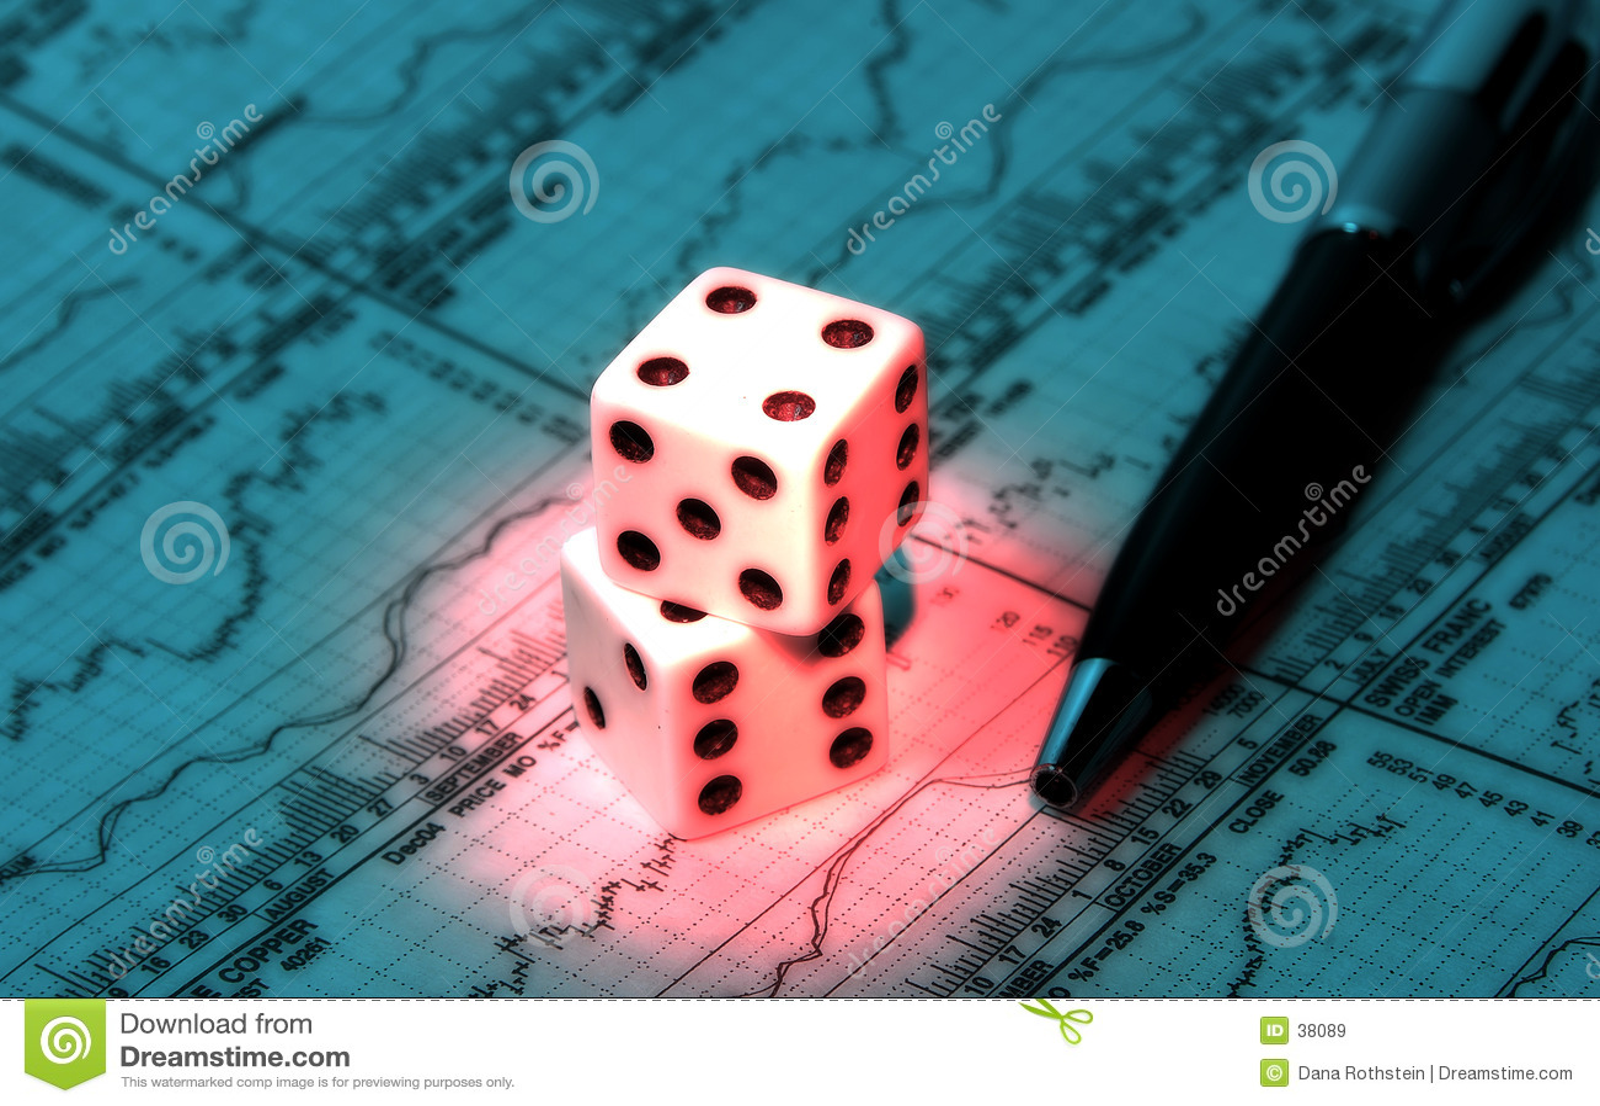 Investitions-Glücksspiel